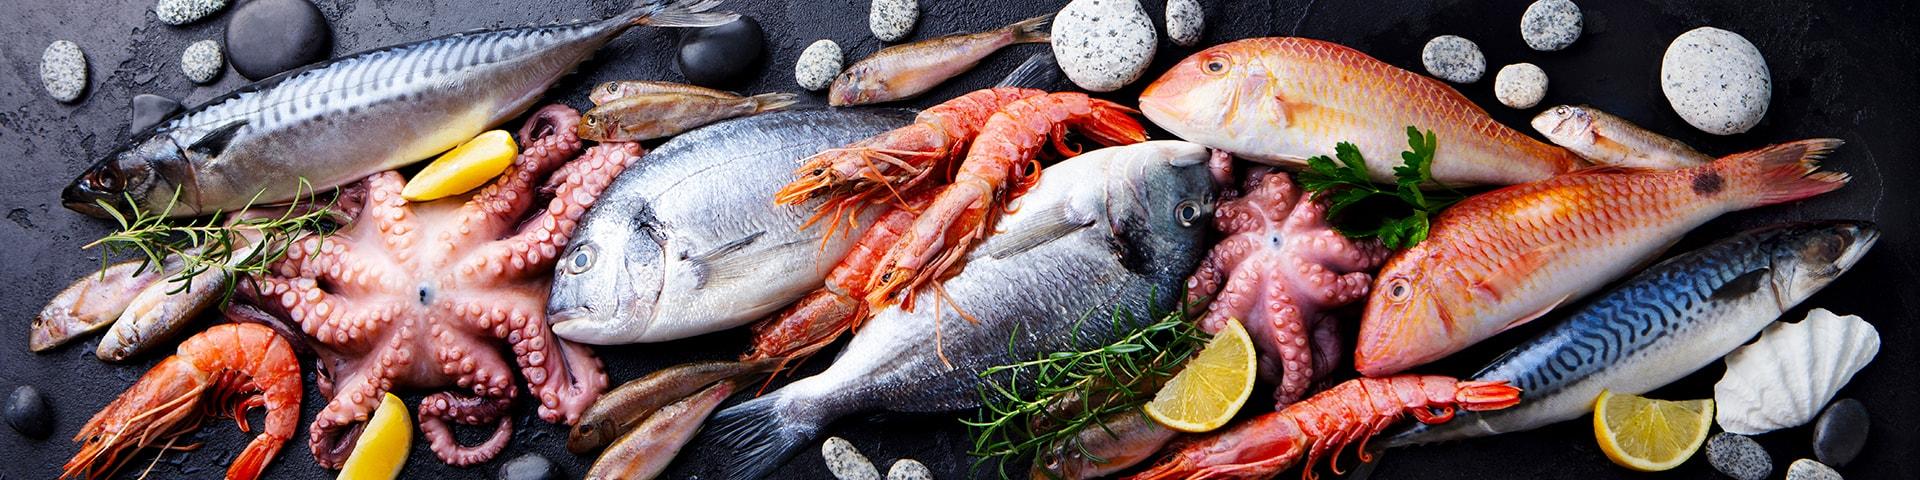 Fisk och skaldjur på ett stenbord